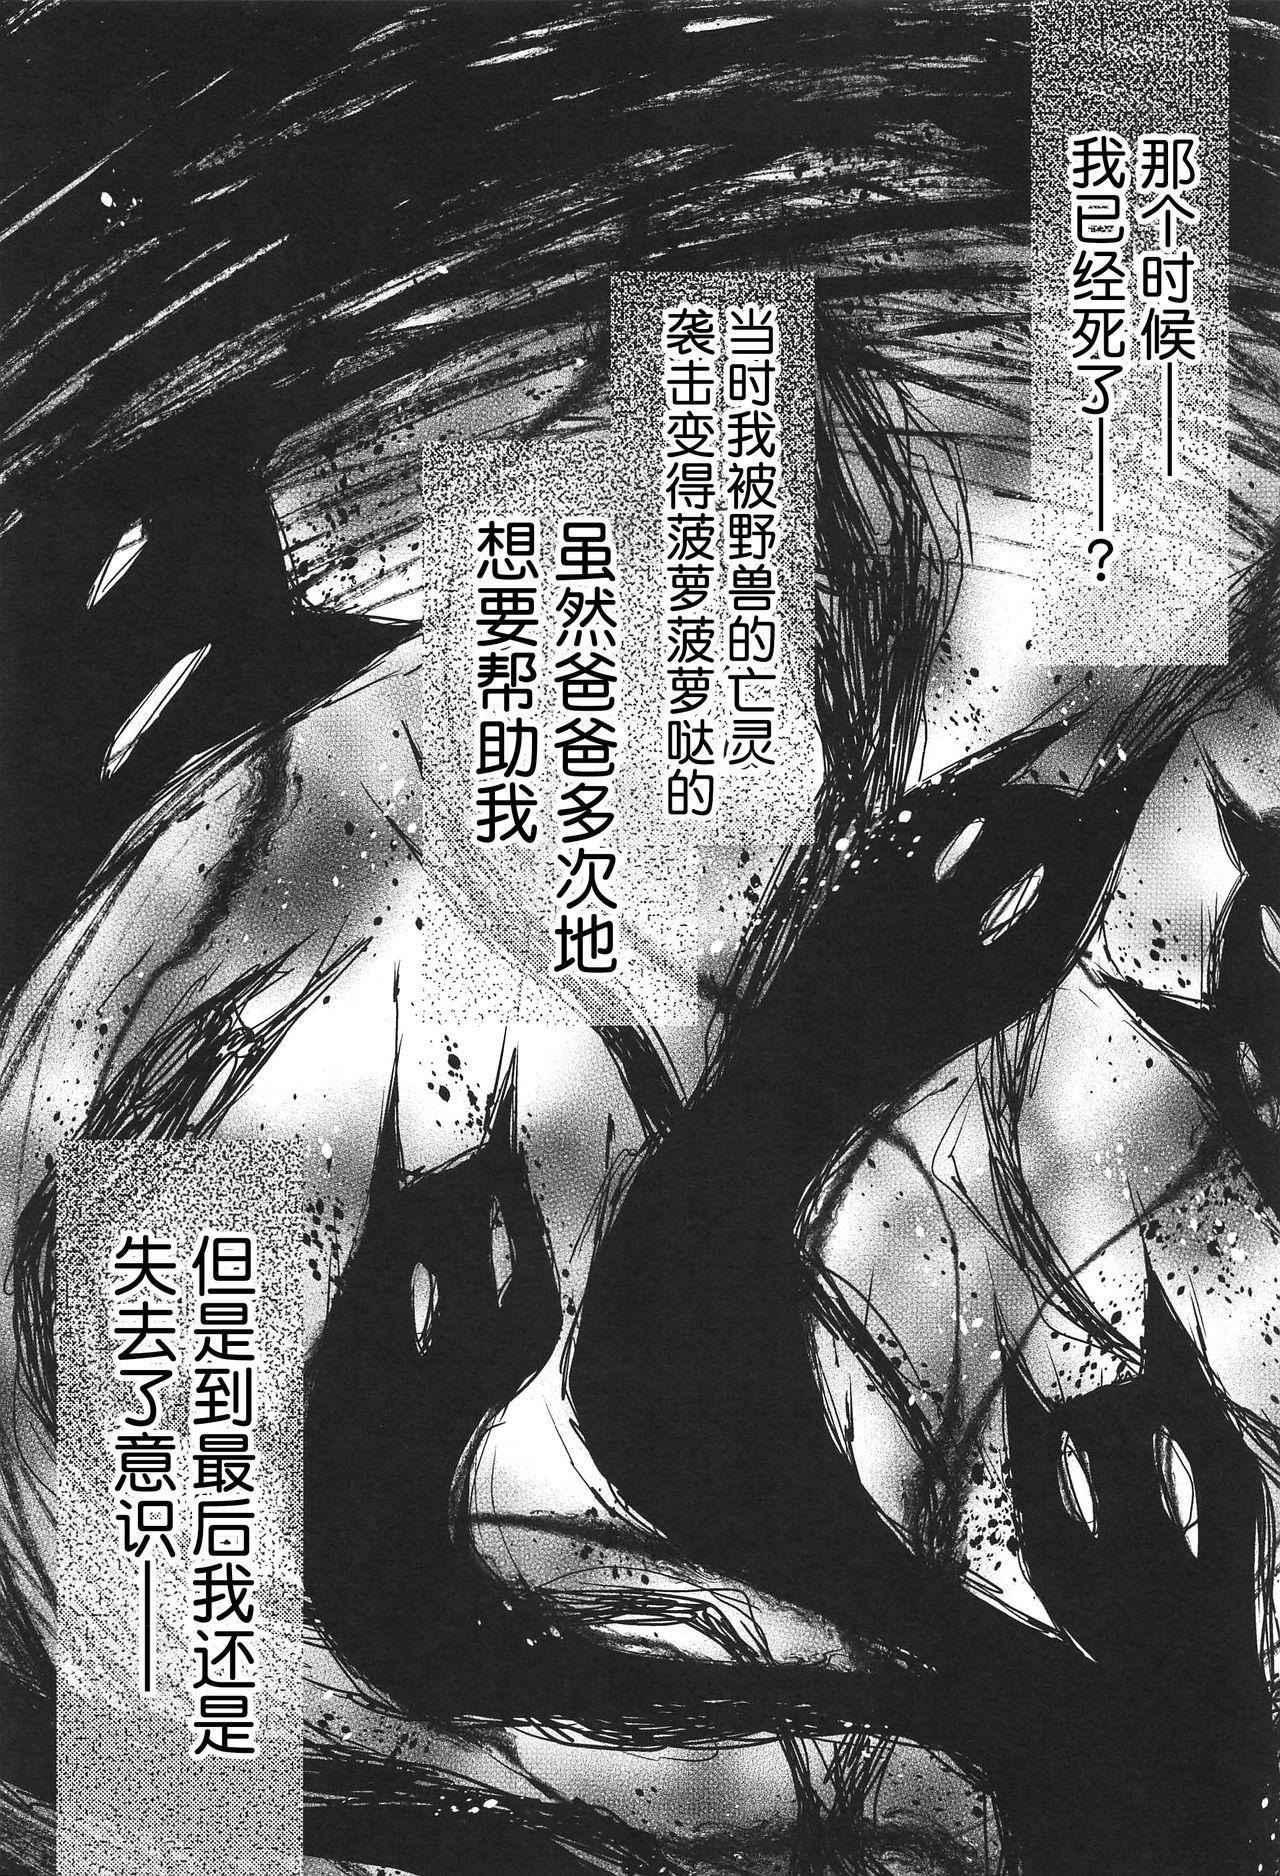 (COMIC1☆15) [KINOKONOMI (konomi)] Nyancology 8 -Otomari ni Kita Nekoda-san to no Himitsu- [Chinese] [路过的rlx个人练习汉化] 1